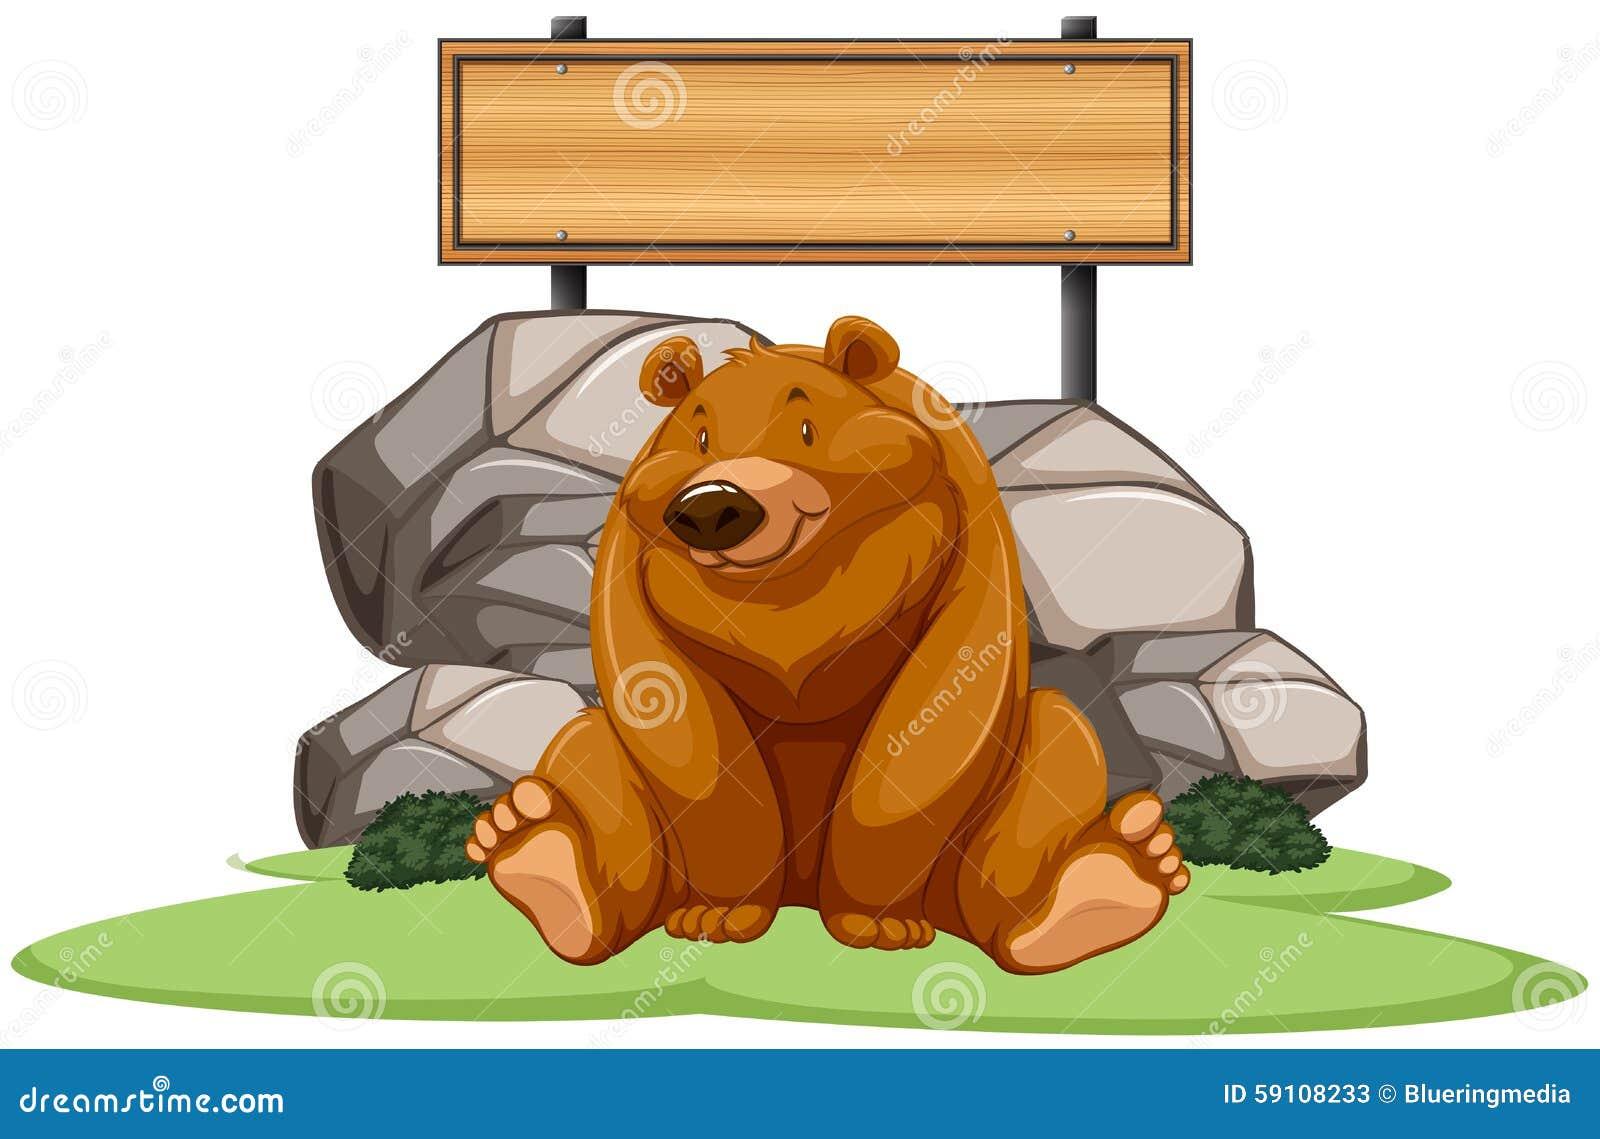 坐在标志旁边的北美灰熊